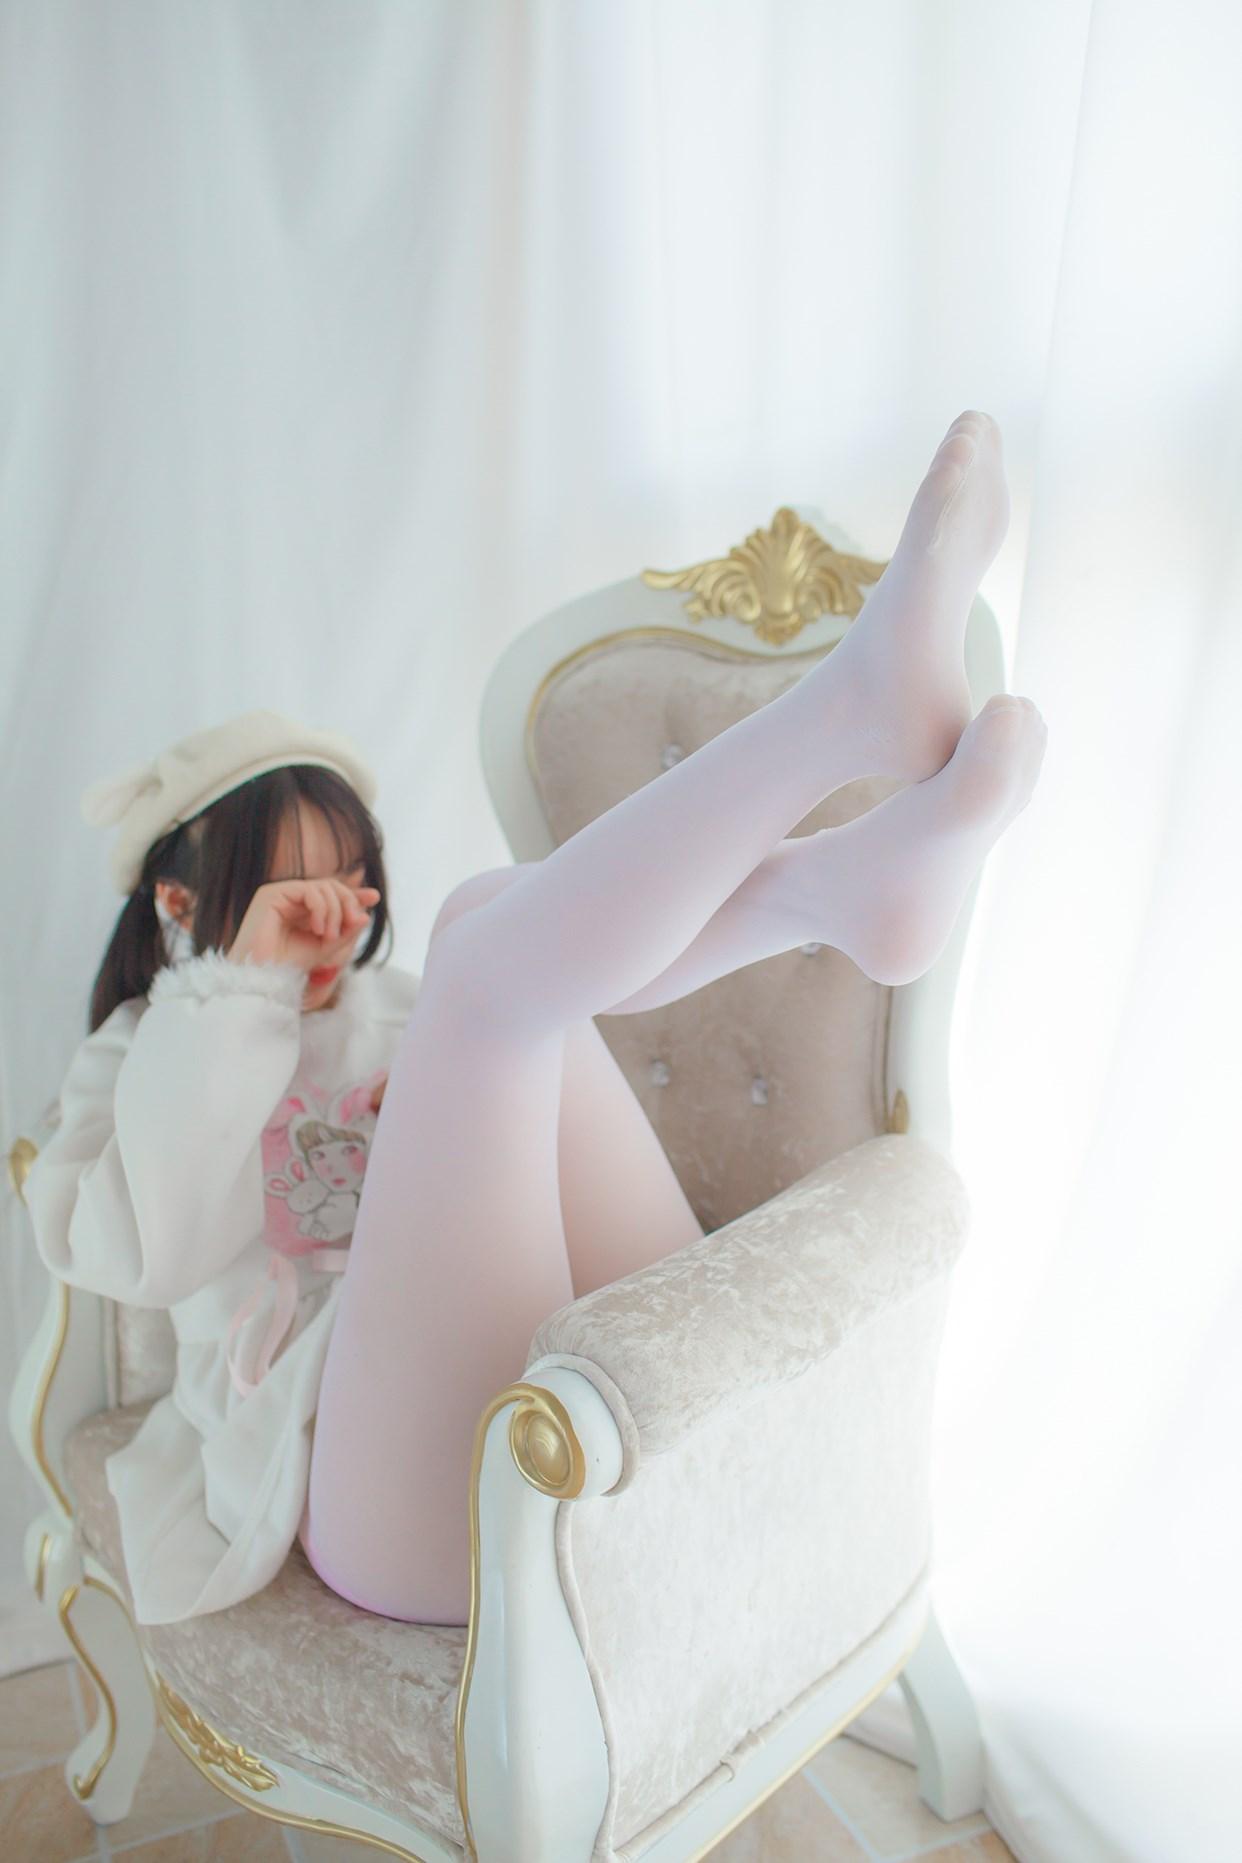 【兔玩映画】激萌小萝莉 兔玩映画 第15张